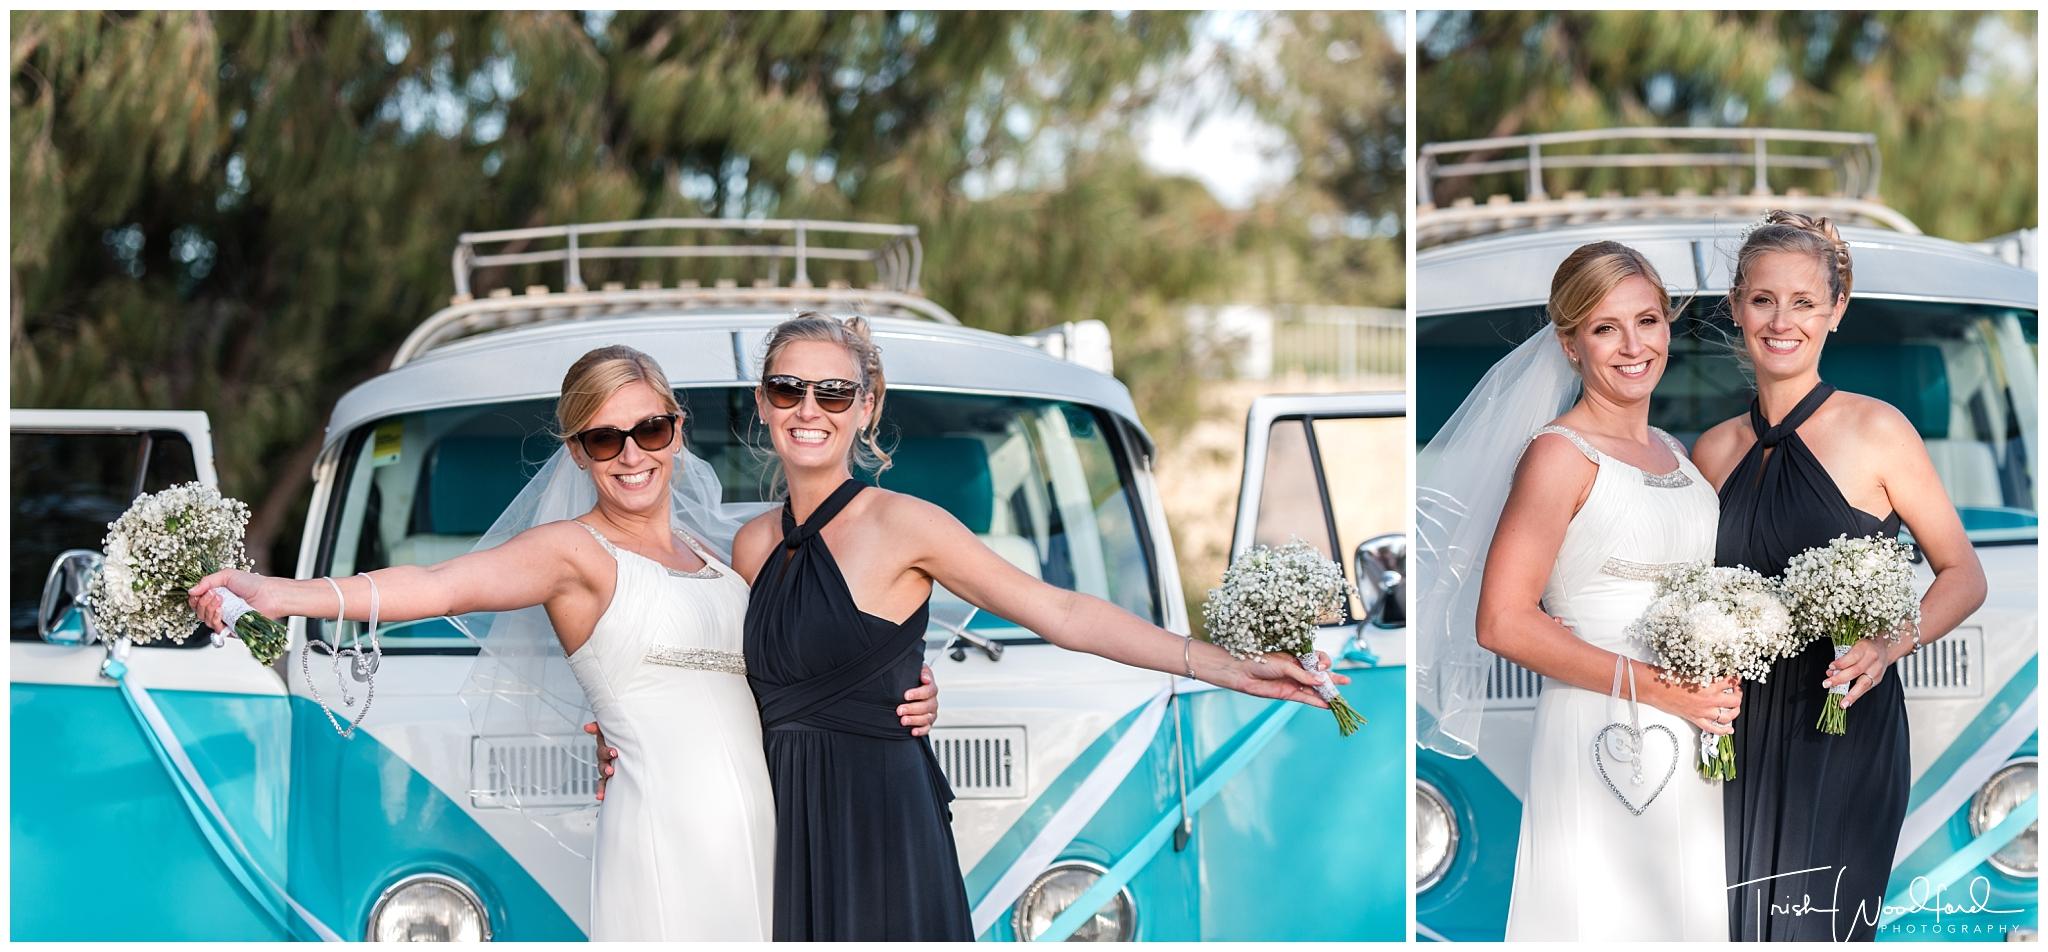 Perth Wedding Photography Bride & Bridesmaid Combi